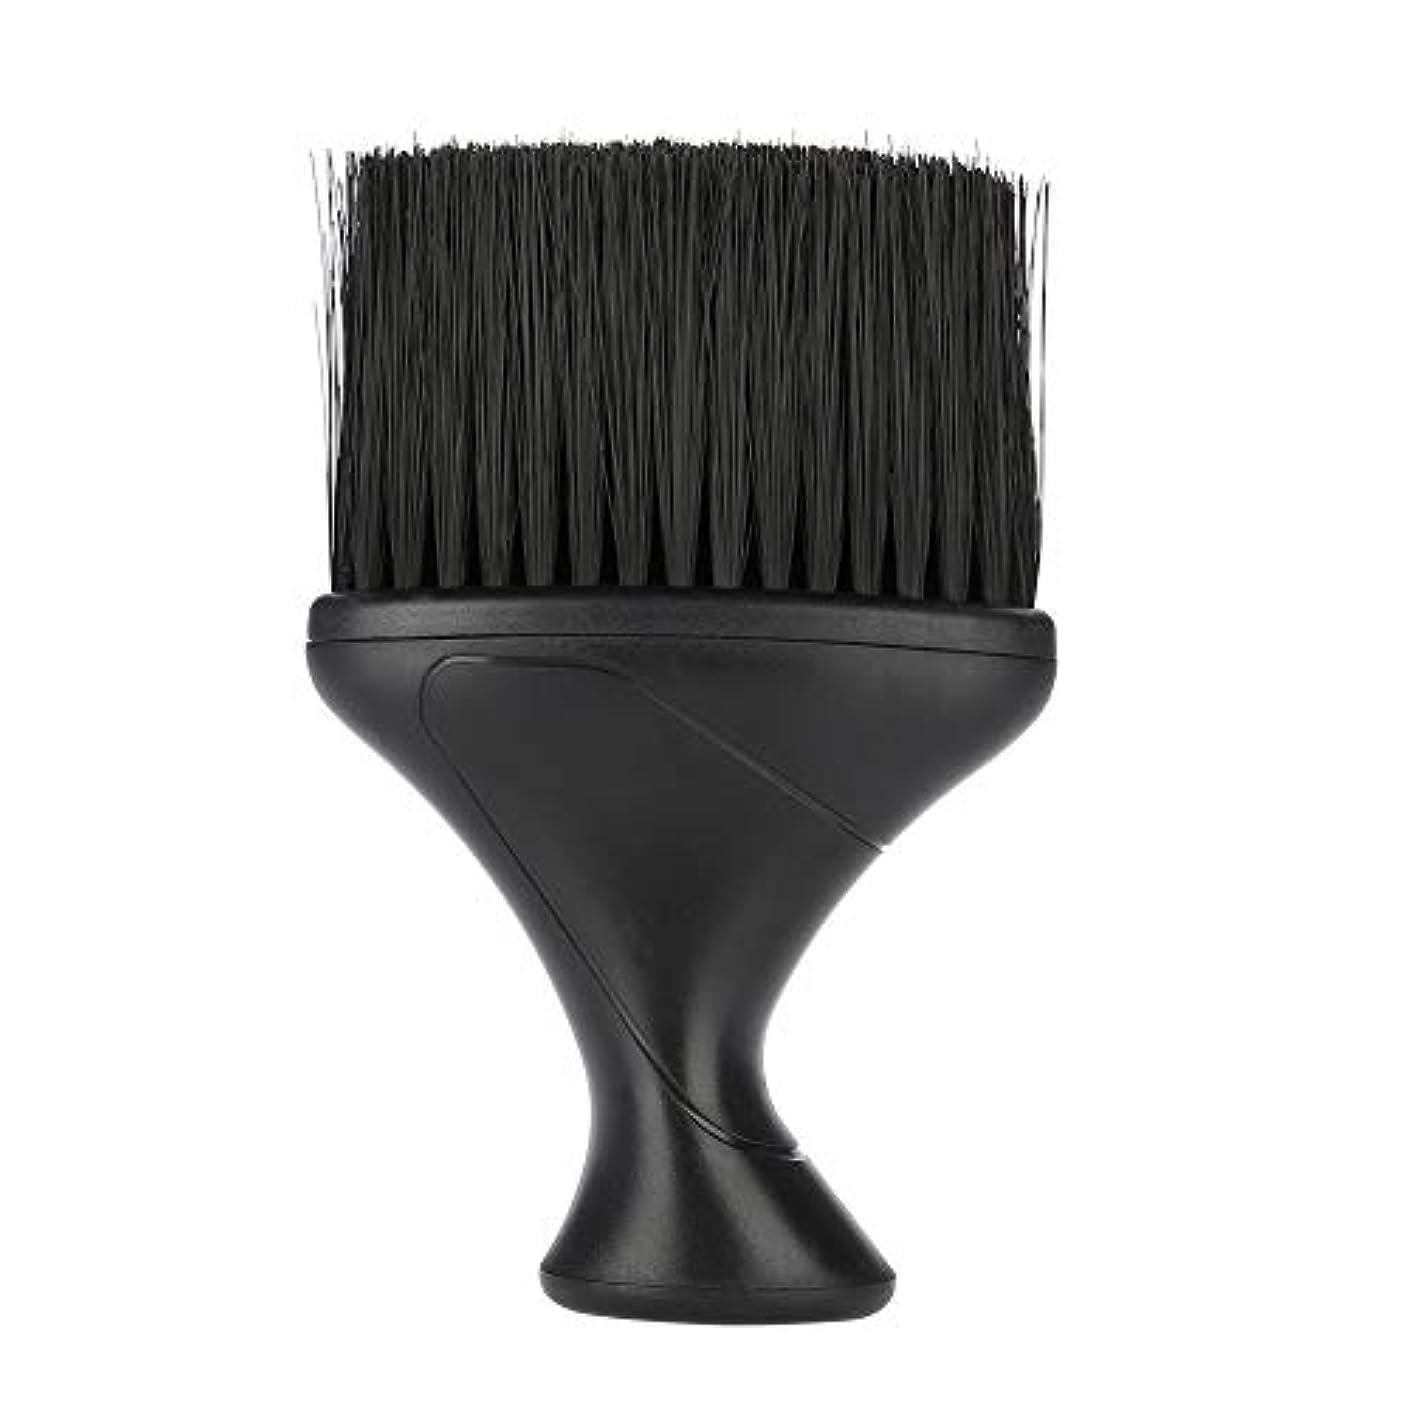 プレーヤー典型的な仮定、想定。推測ヘアブラシソフトヘアブラシネックダスター理髪ヘアカットスタイリングクリーニングブラシ